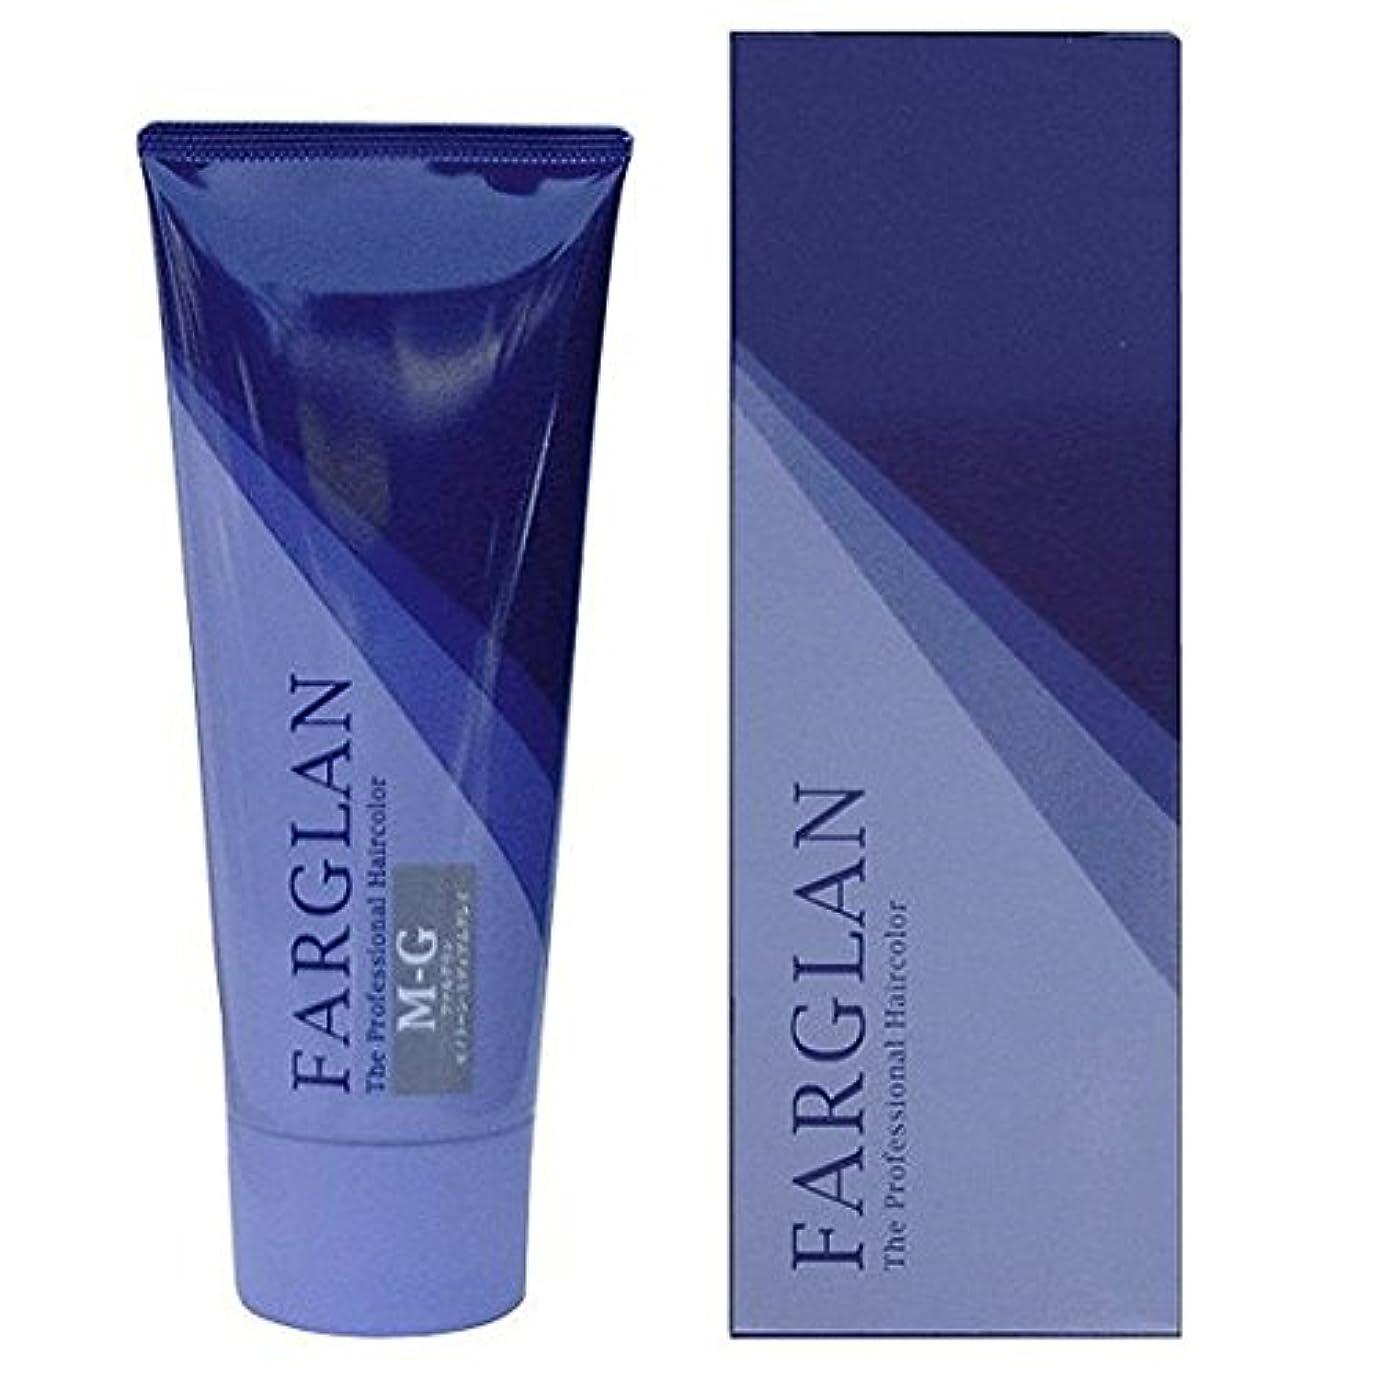 発疹納屋積分FARGLAN(ファルグラン) ヘアカラー BL(BLUE) 160g